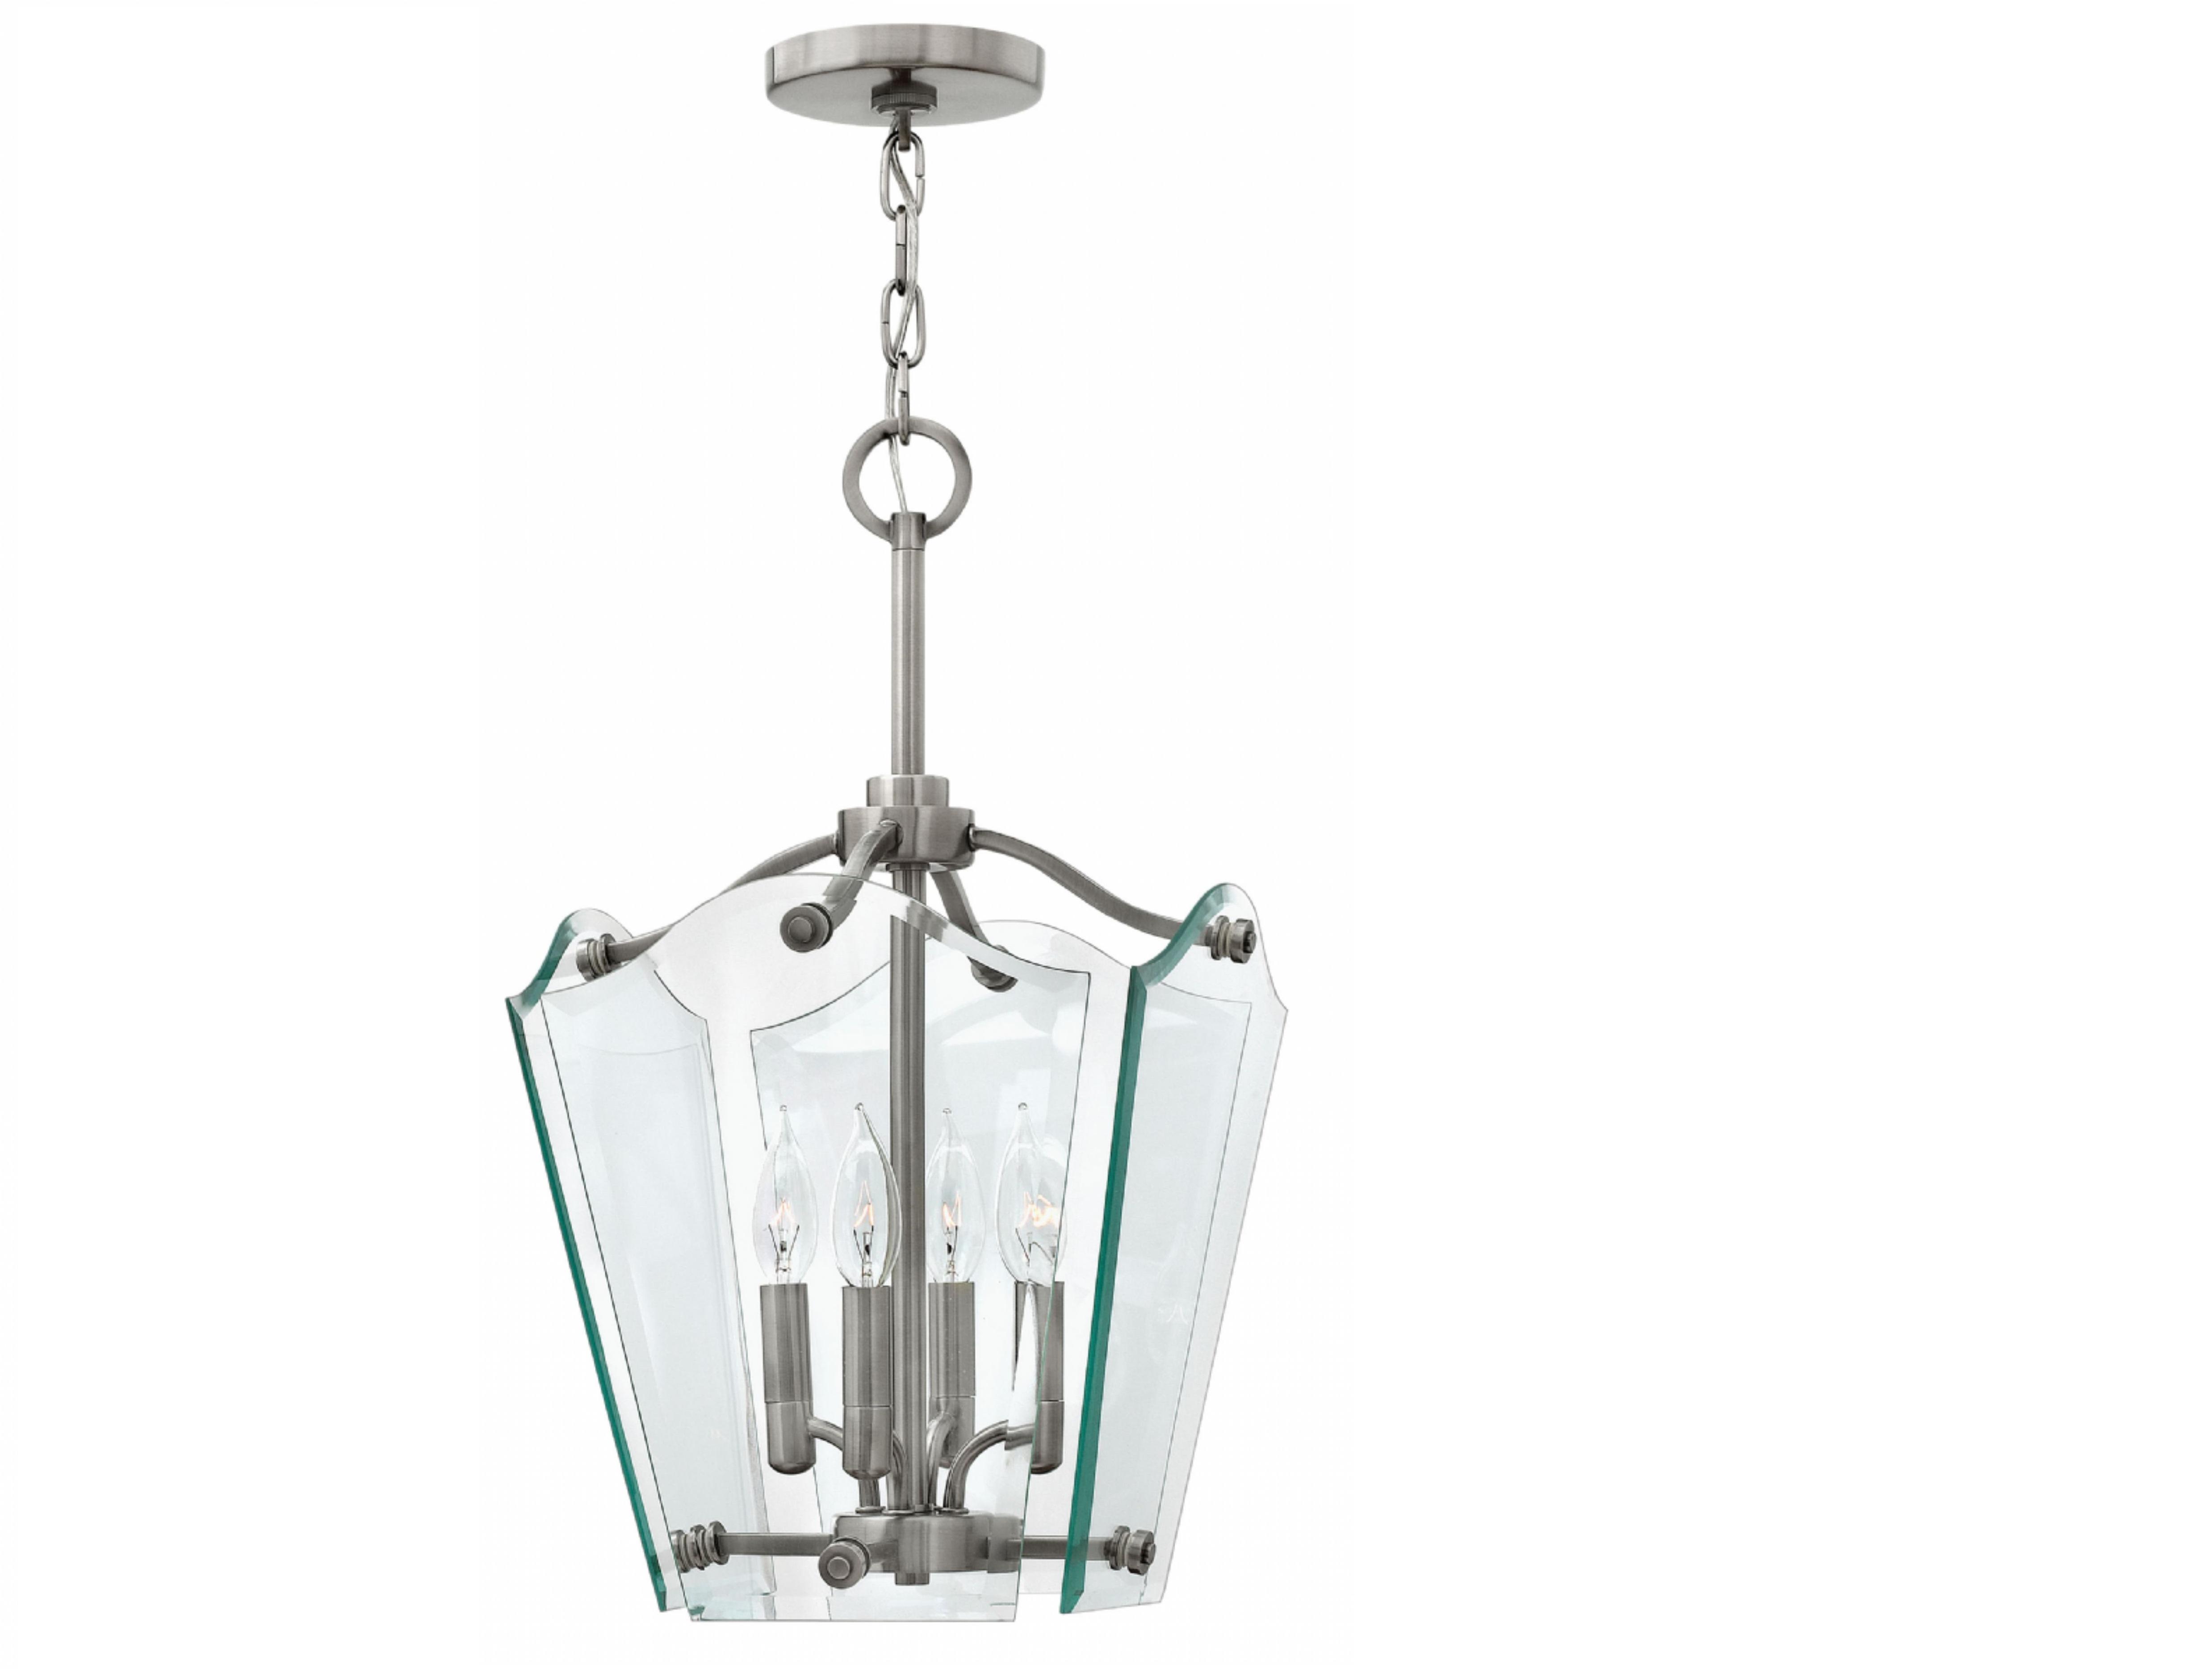 Подвесной светильник Hinkely LightingПодвесные светильники<br>Цоколь: E14,&amp;amp;nbsp;&amp;lt;div&amp;gt;Мощность: 60,&amp;amp;nbsp;&amp;lt;/div&amp;gt;&amp;lt;div&amp;gt;Количество ламп: 4,&amp;amp;nbsp;&amp;lt;/div&amp;gt;&amp;lt;div&amp;gt;Цвет: античный полированный никель.&amp;lt;/div&amp;gt;<br><br>Material: Металл<br>Ширина см: 30<br>Высота см: 61<br>Глубина см: 54